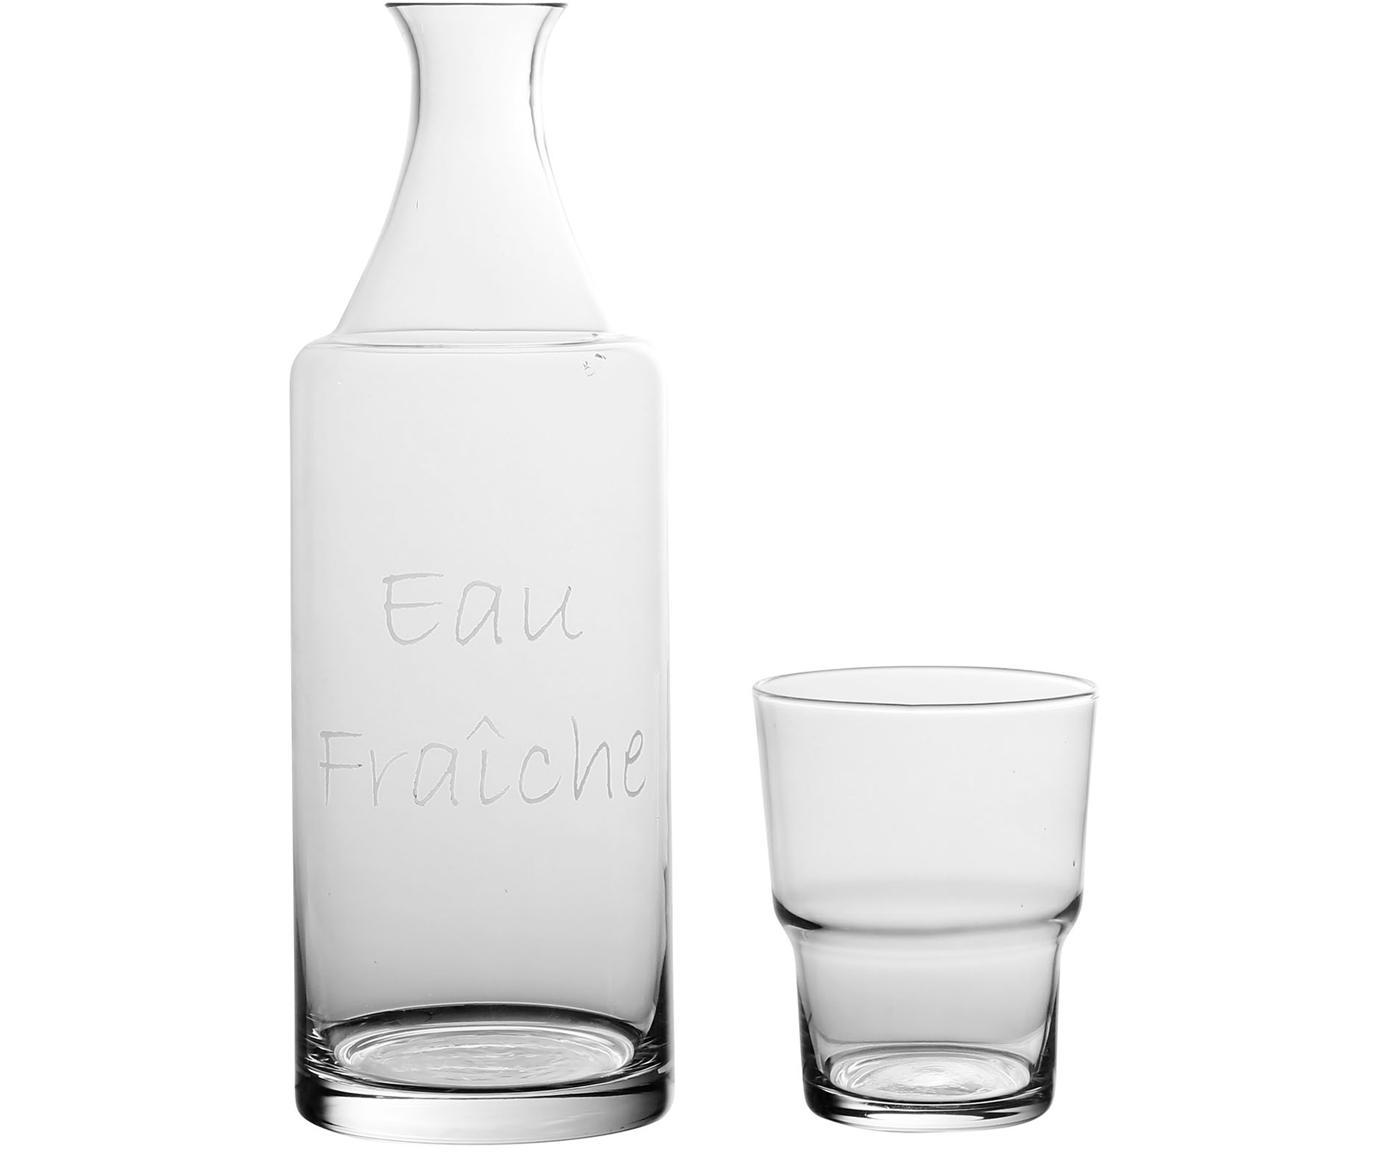 Karaffen-Set Pilla mit silberfarbener Aufschrift, 2-tlg., Glas, Transparent, 1 L